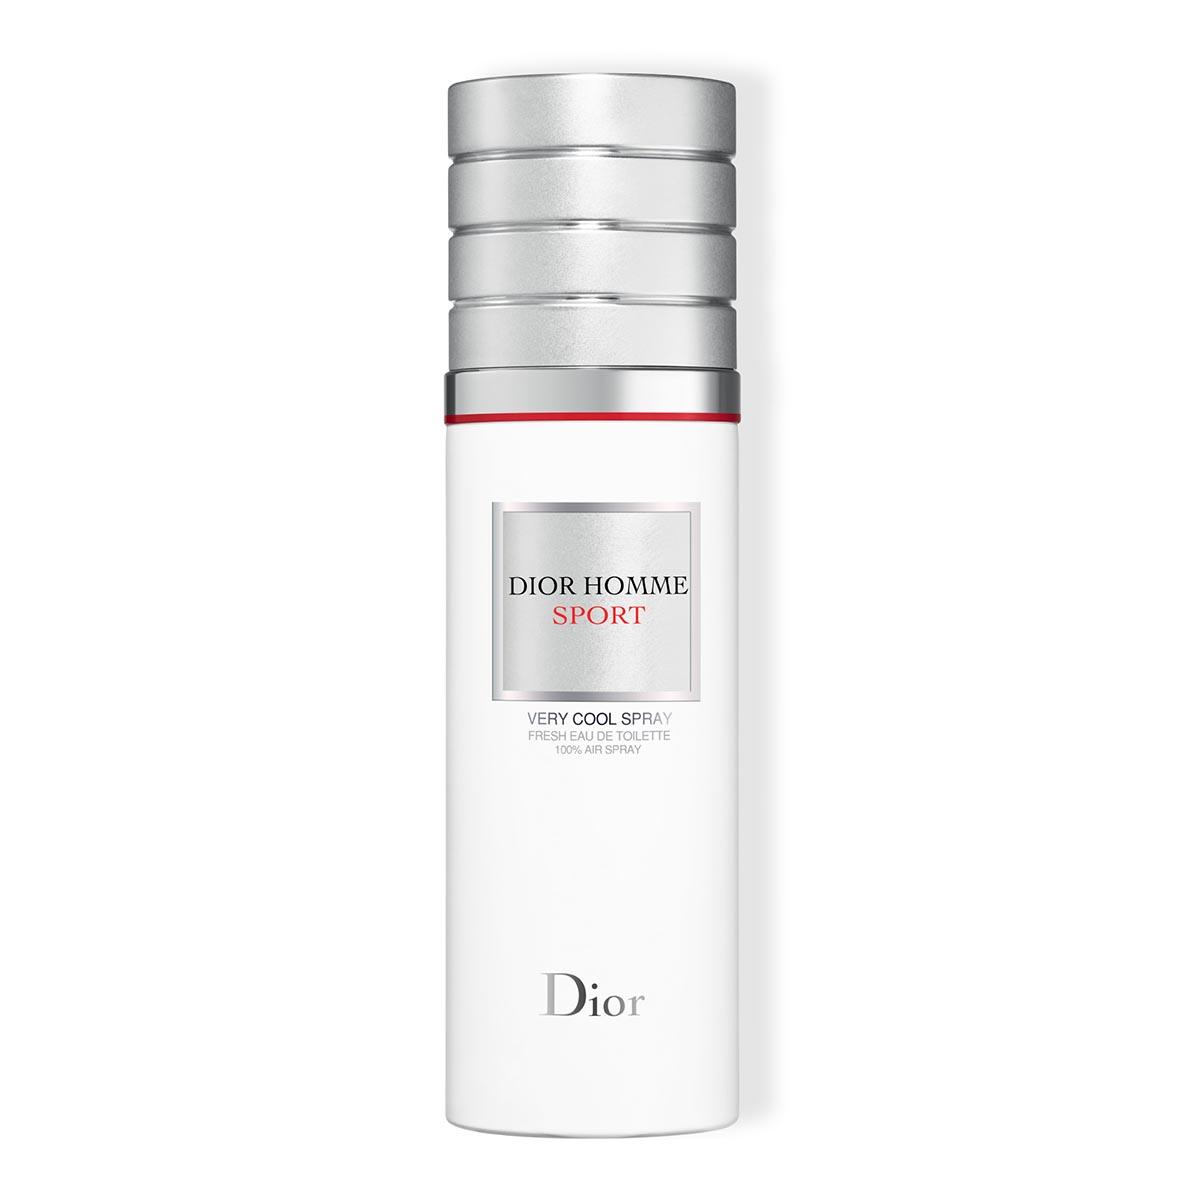 Dior homme sport very cool eau de toilette 200ml vaporizador